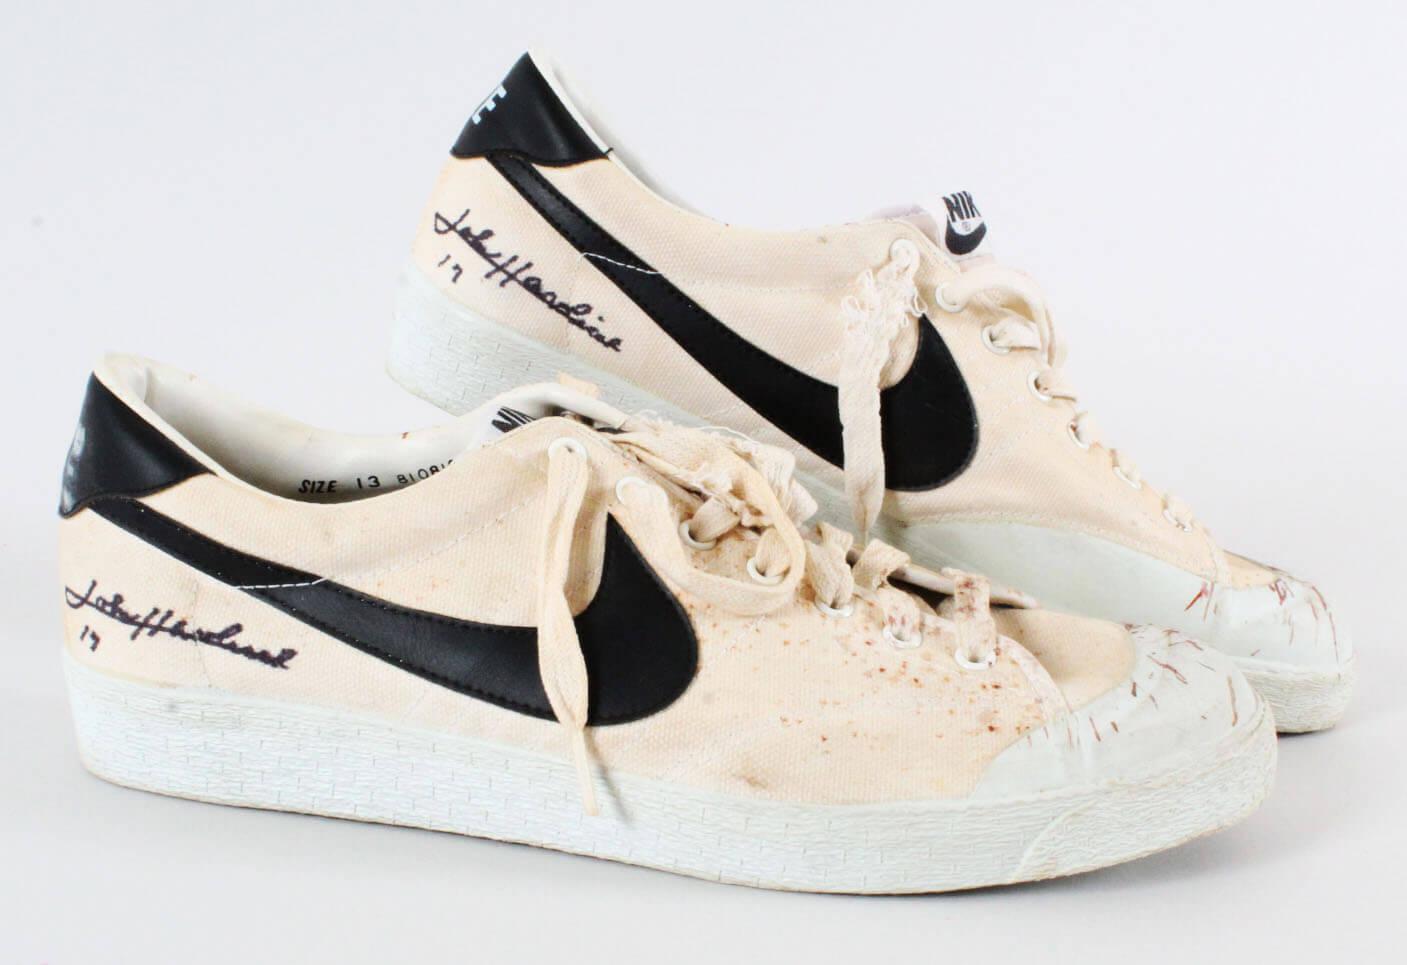 John Havlicek Game-Worn Signed Shoes